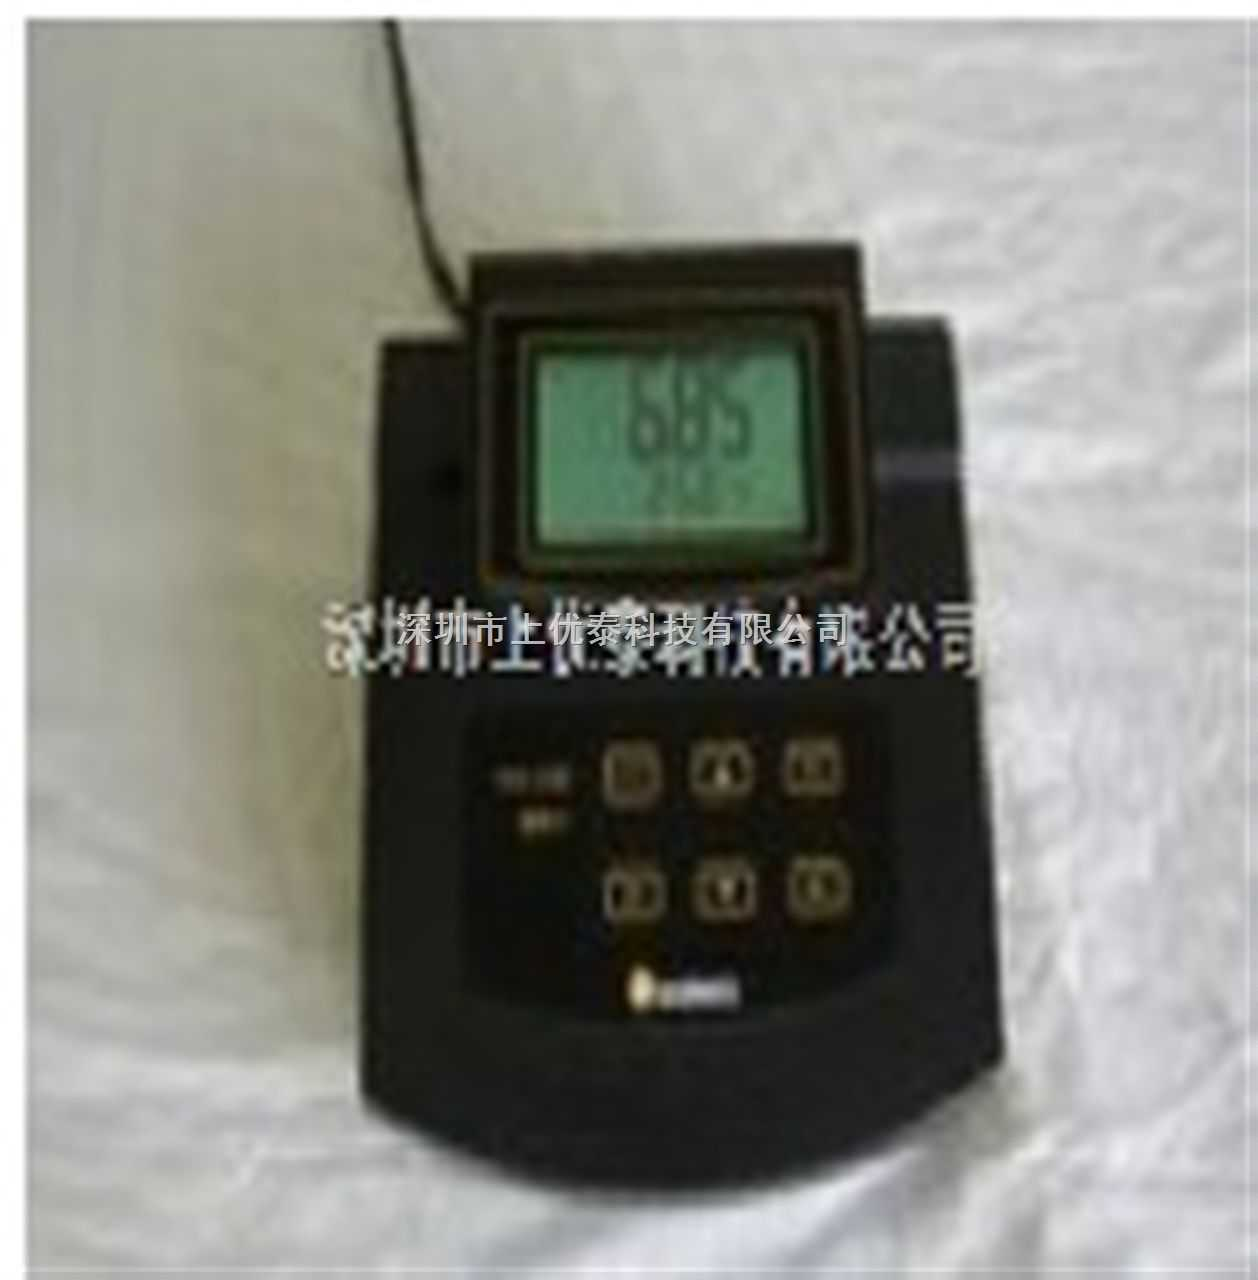 臺式電導度計,桌面電導度計,電導率測試儀